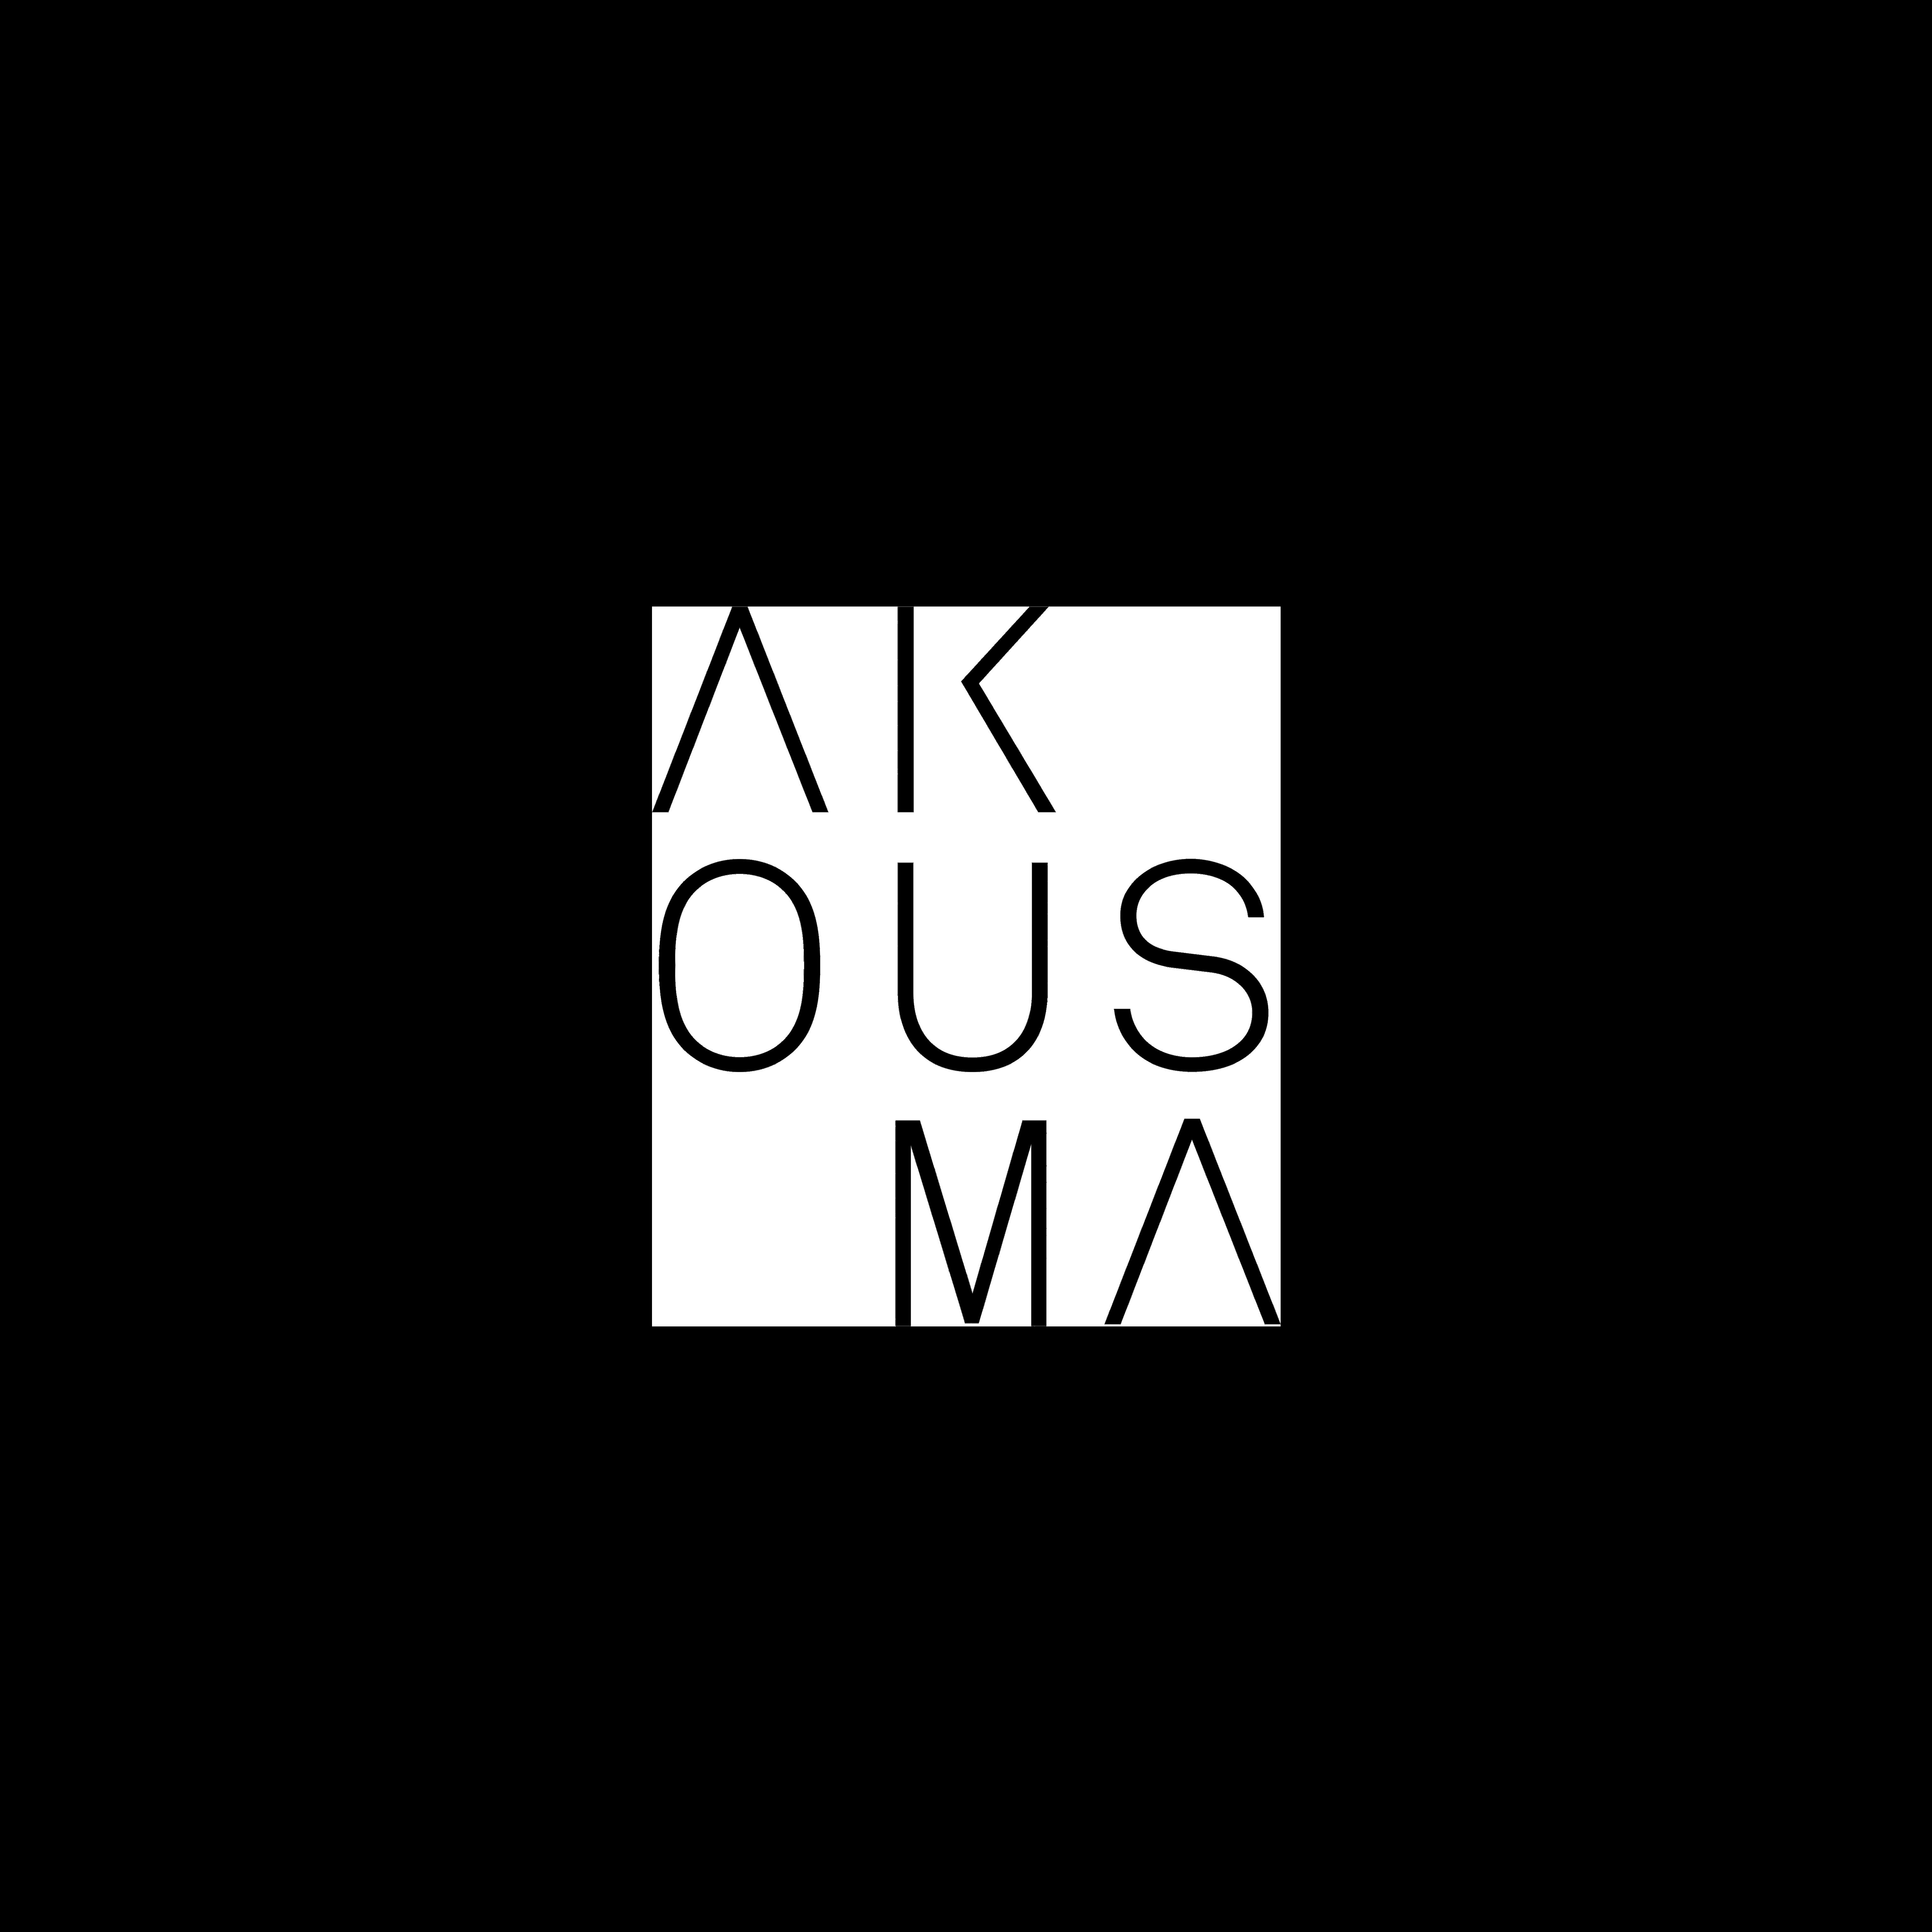 Akousma logo transparent